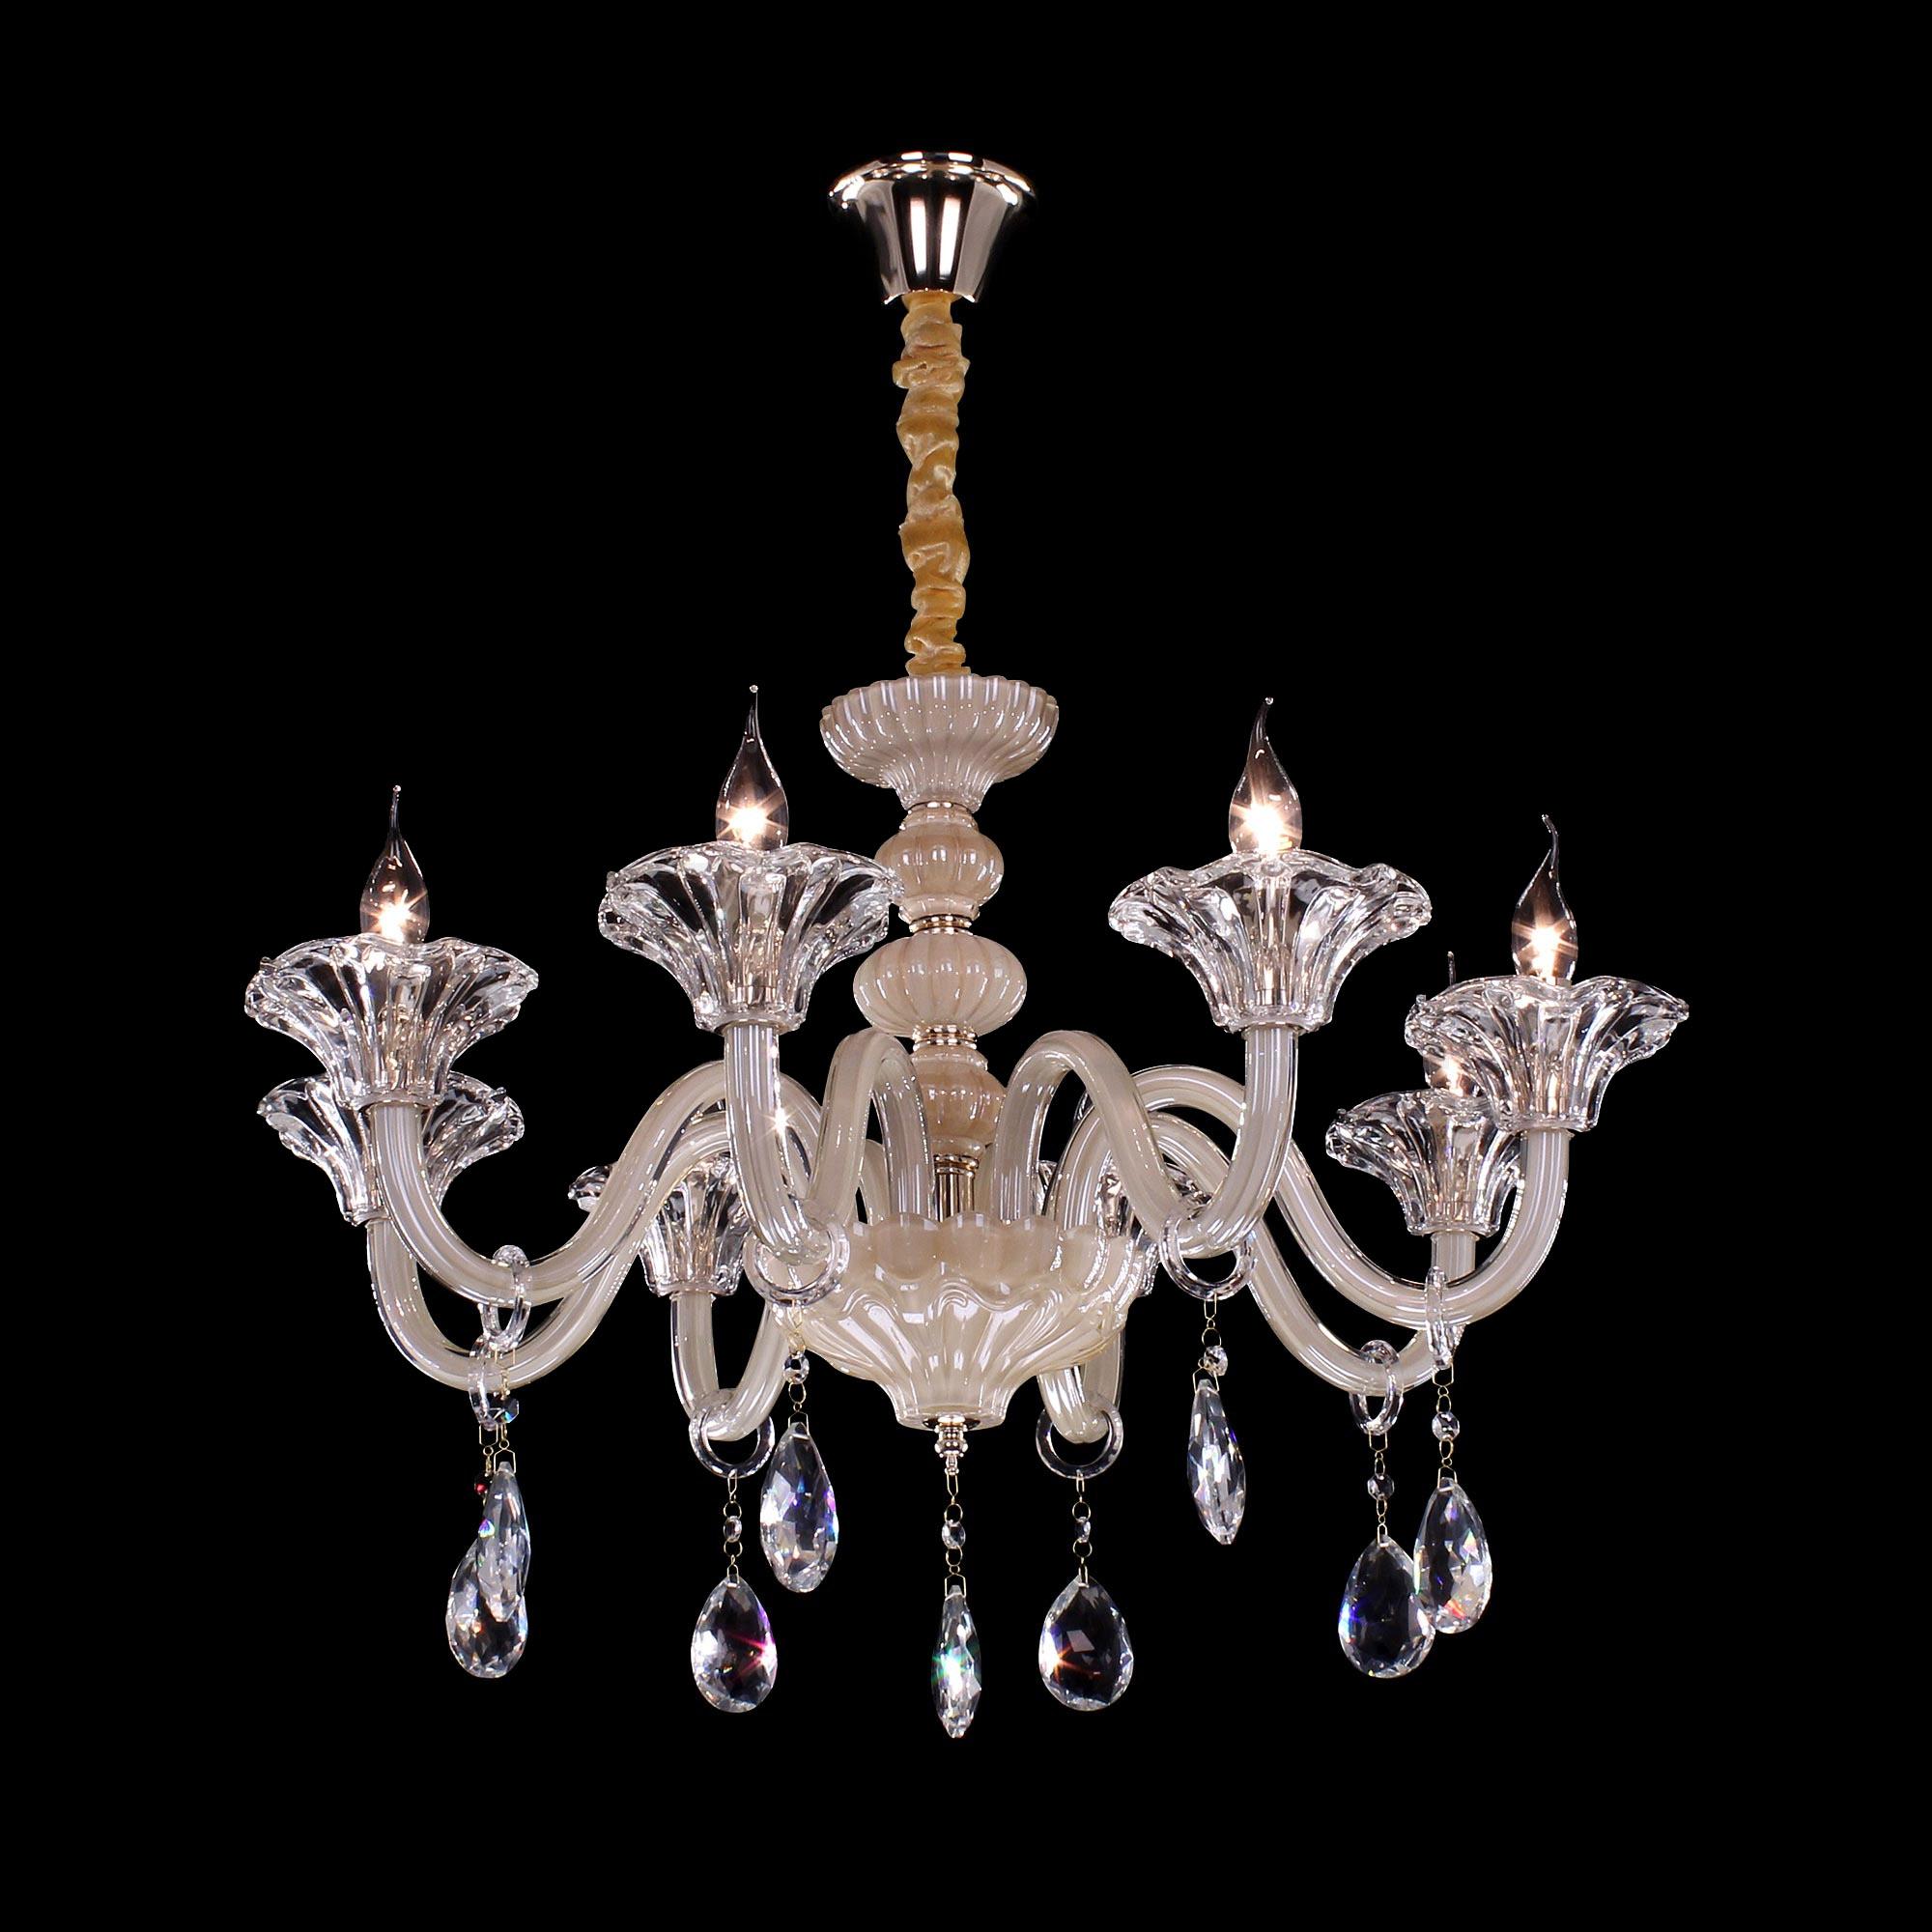 Фото - Люстра подвесная Citilux Ирида шампань золото CL351181 люстра citilux ирида cl351150 e14 300 вт